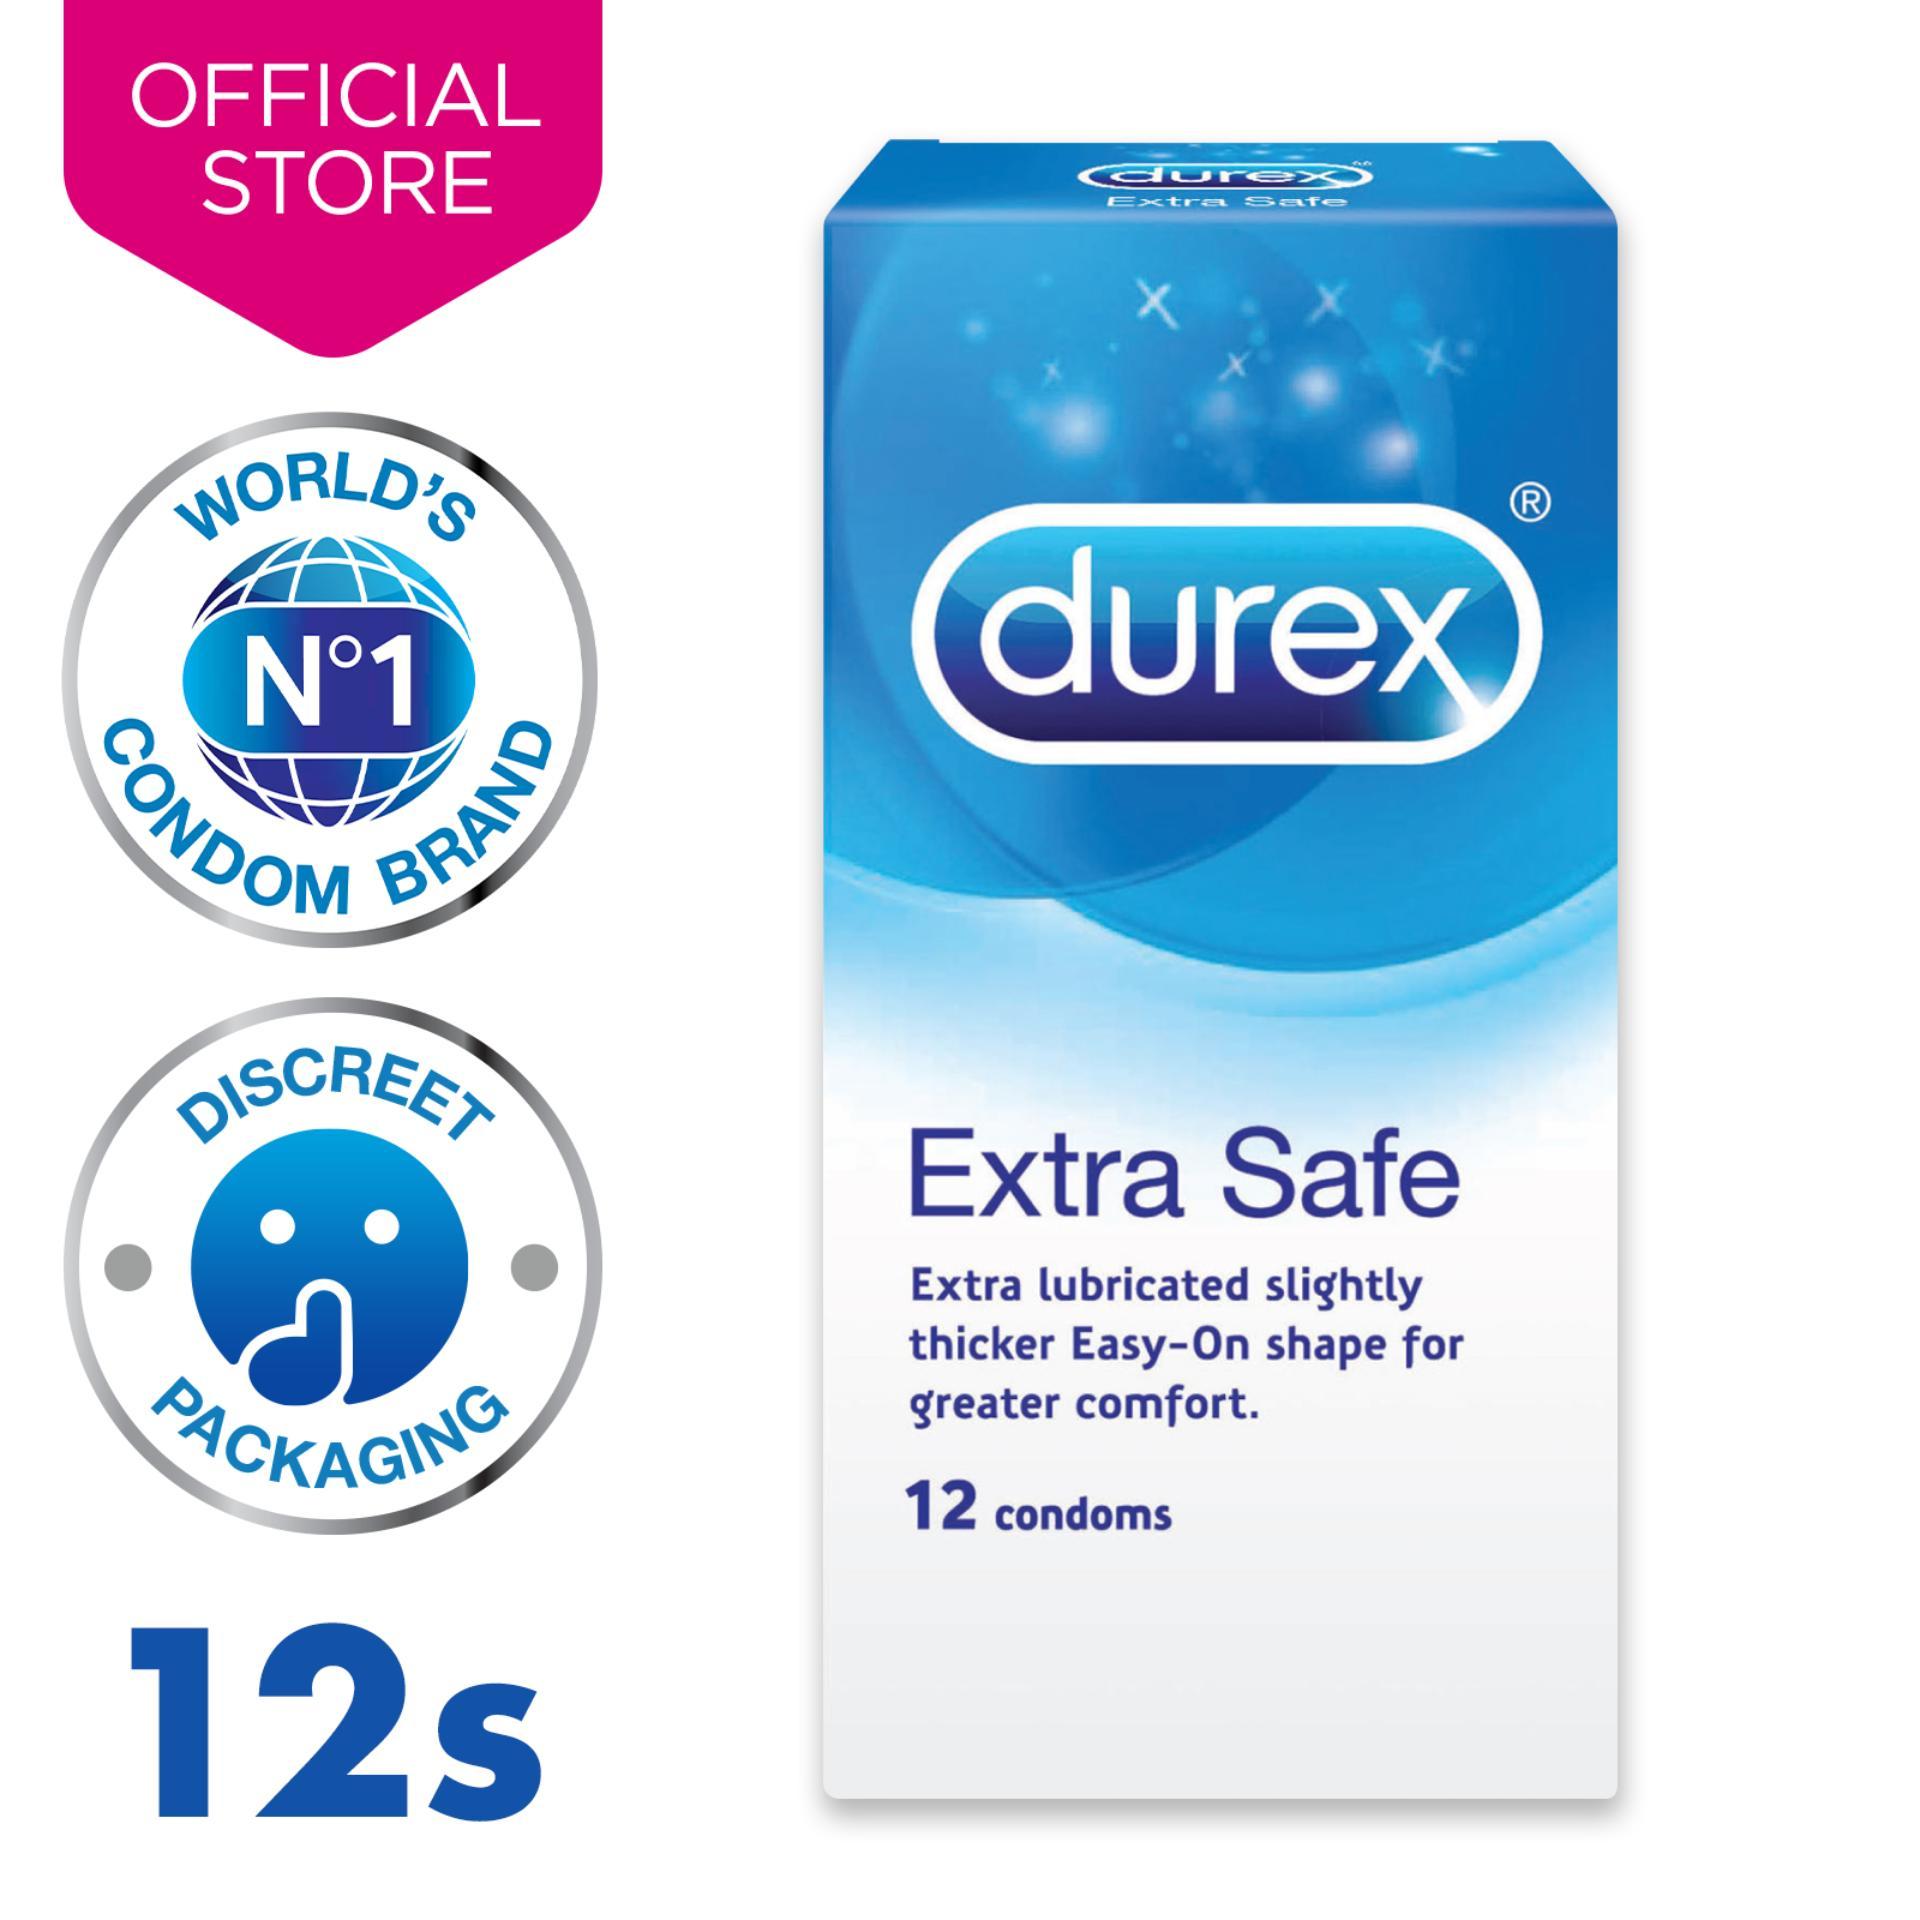 Durex Extra Safe Condoms 12s By Durex.